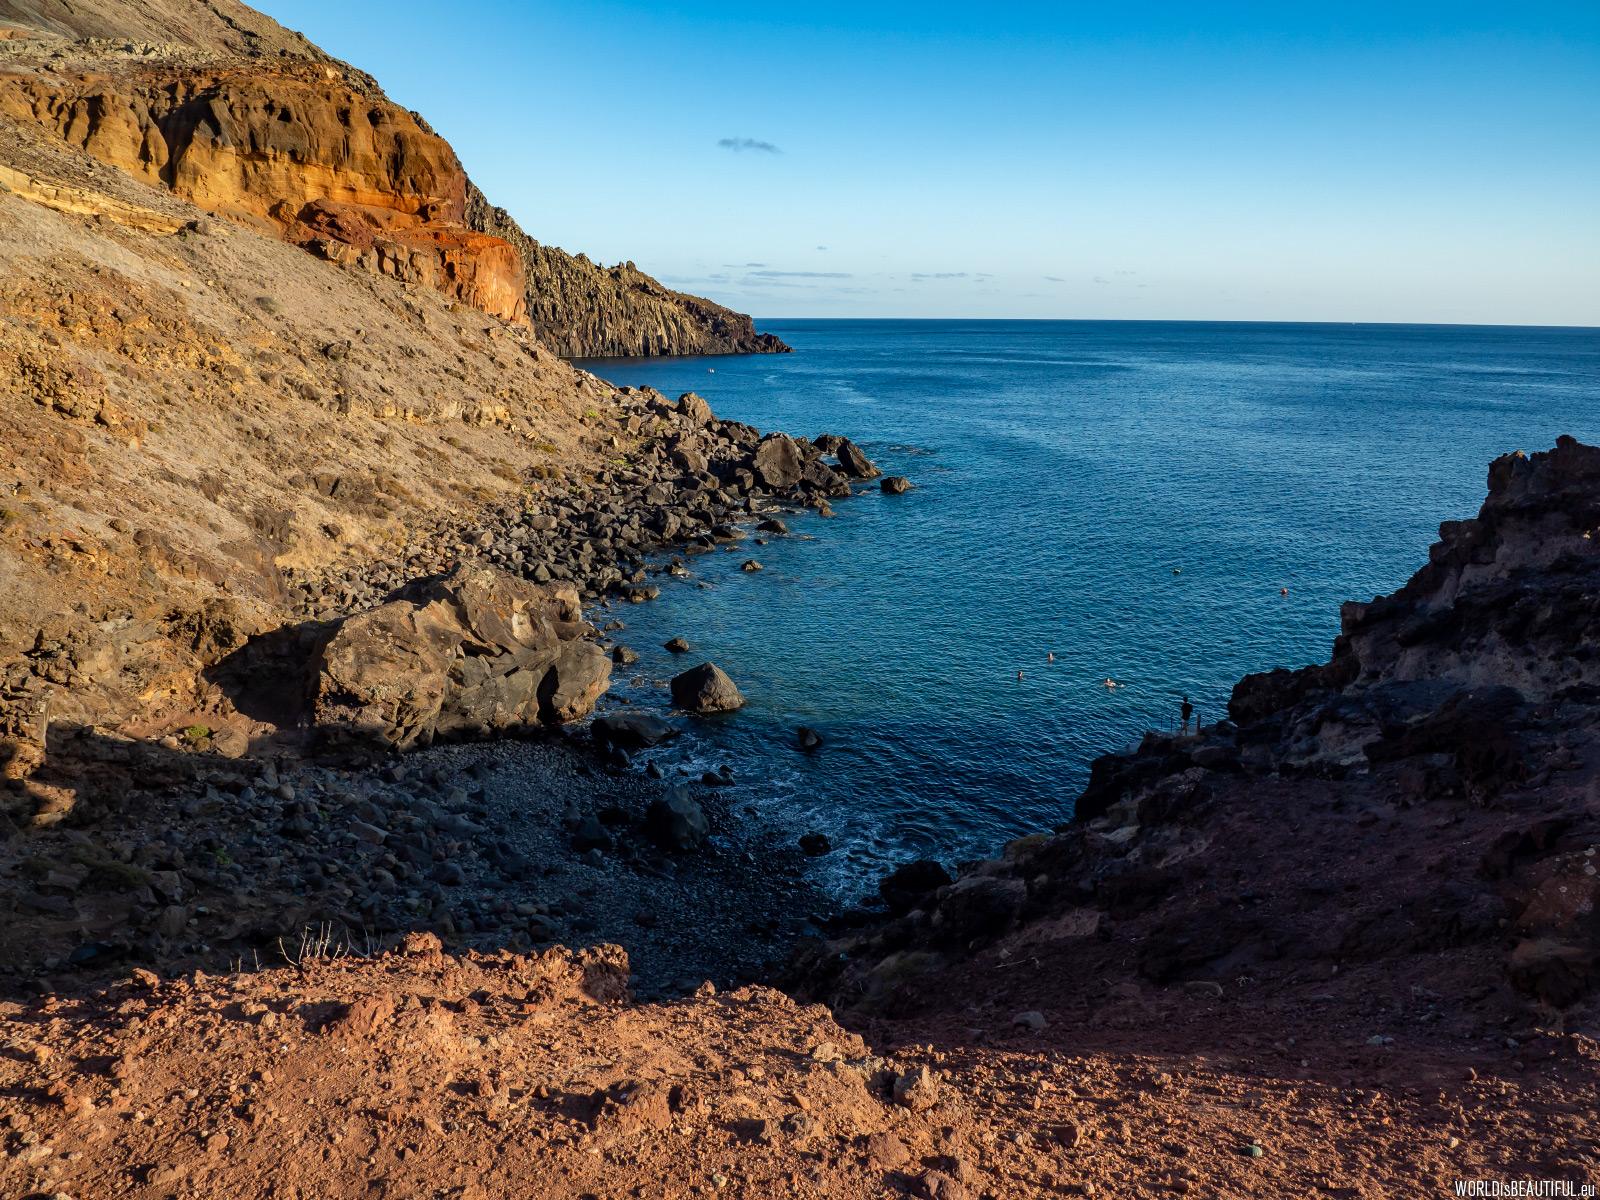 Kąpielisko przy schronisku Sardinha